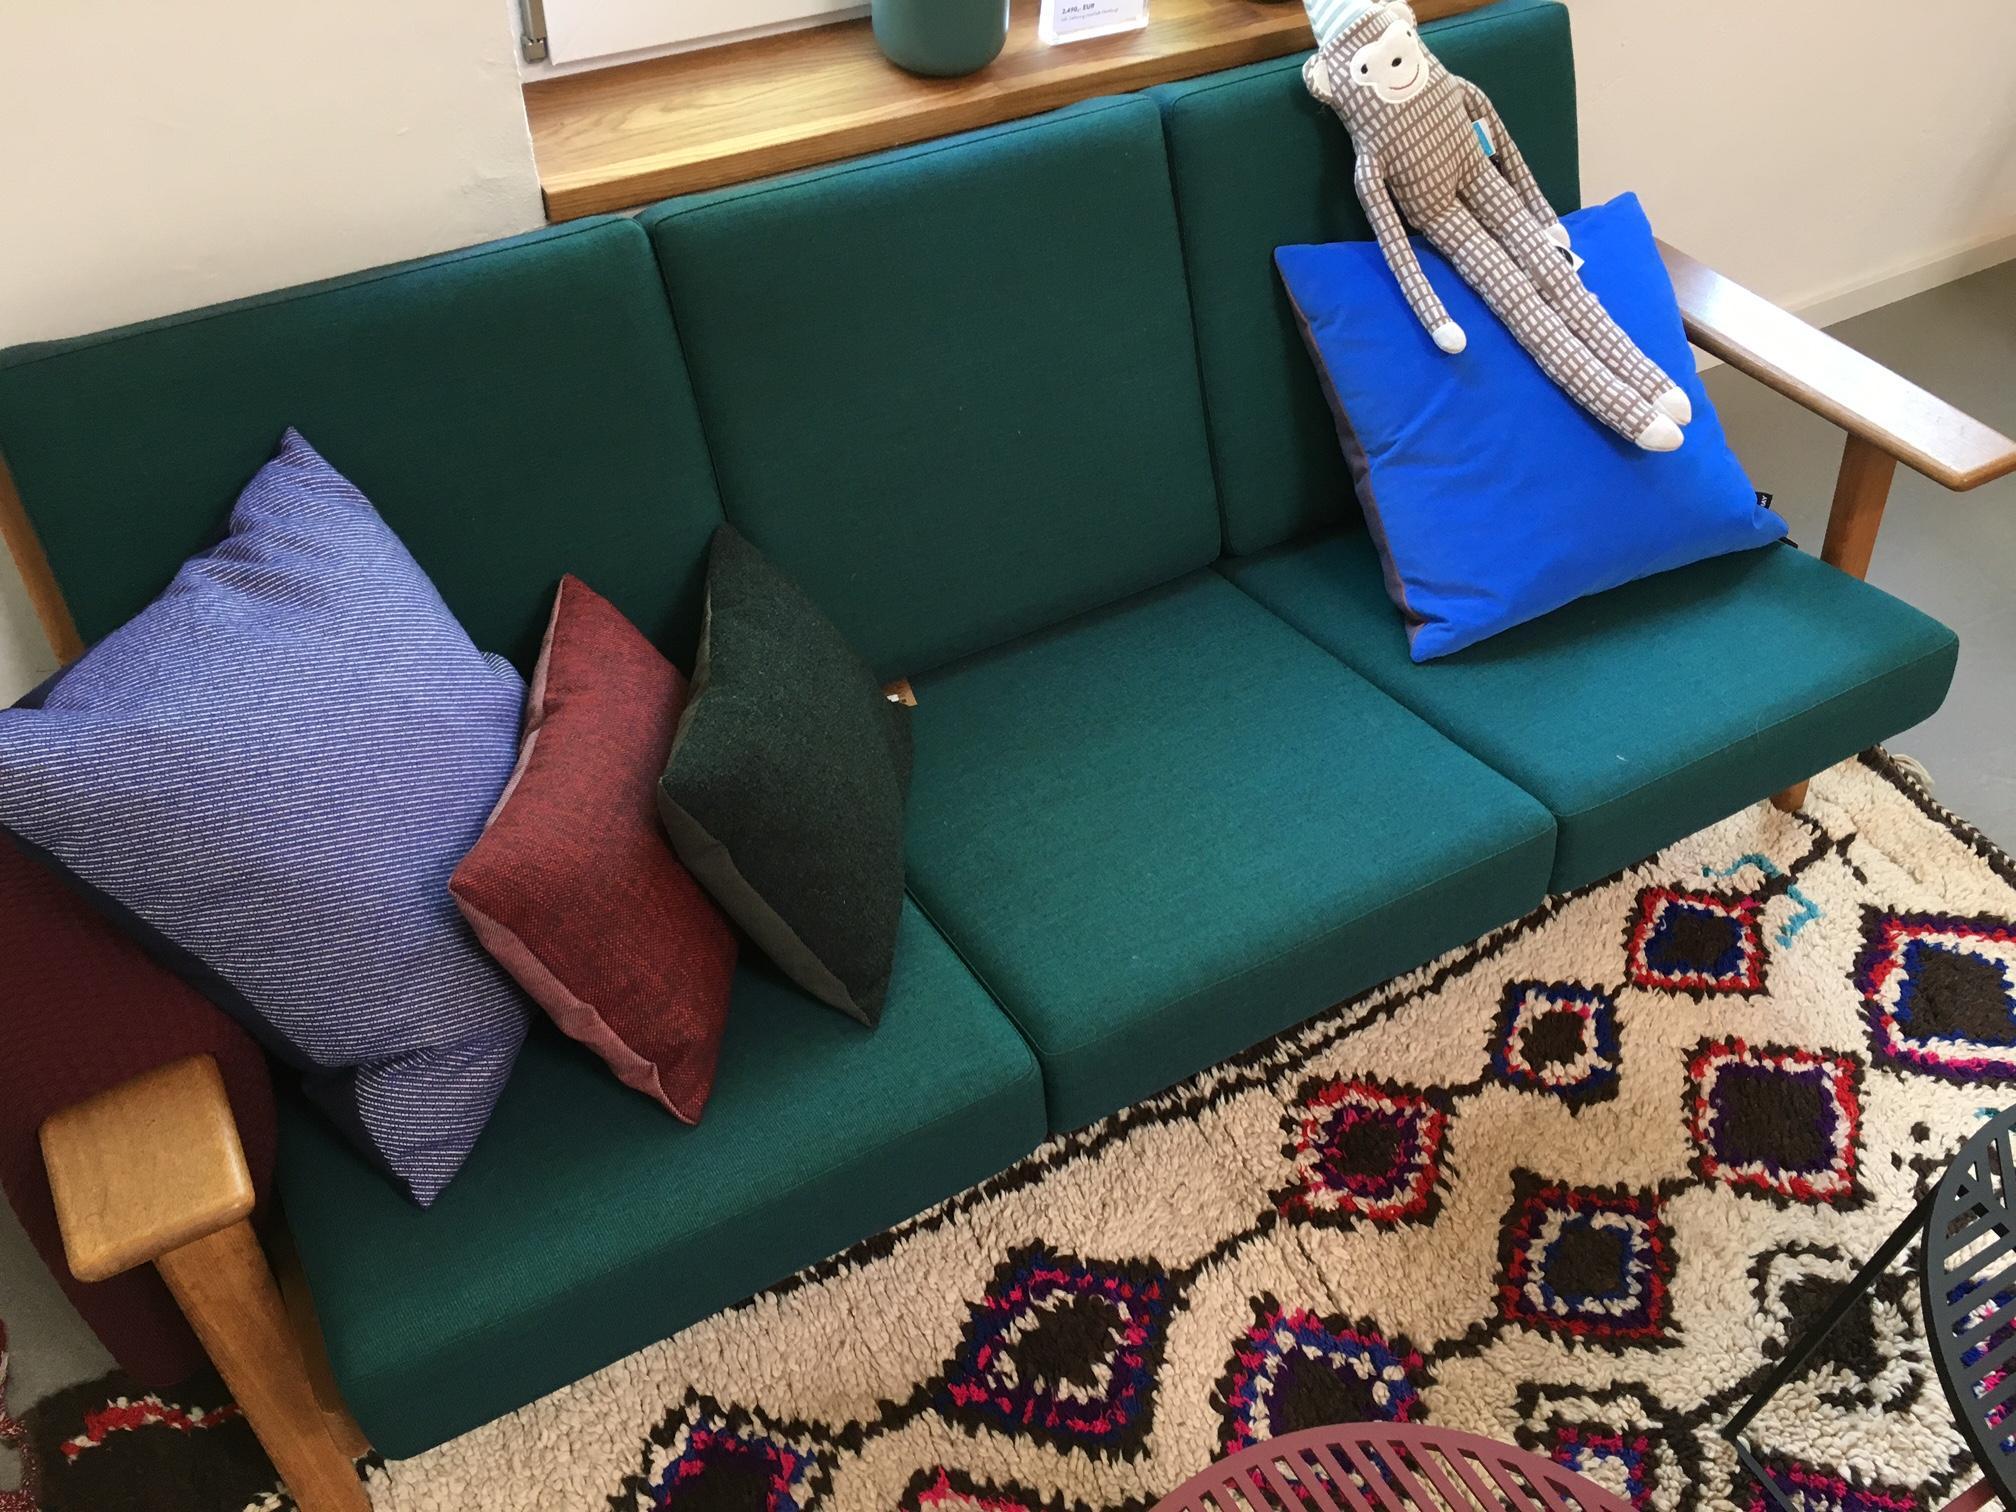 Attraktiv #Sofa Von #carlhansenandson Und #Couchtisch Von #petitefrituredesign  #couchstyle #livingroom #